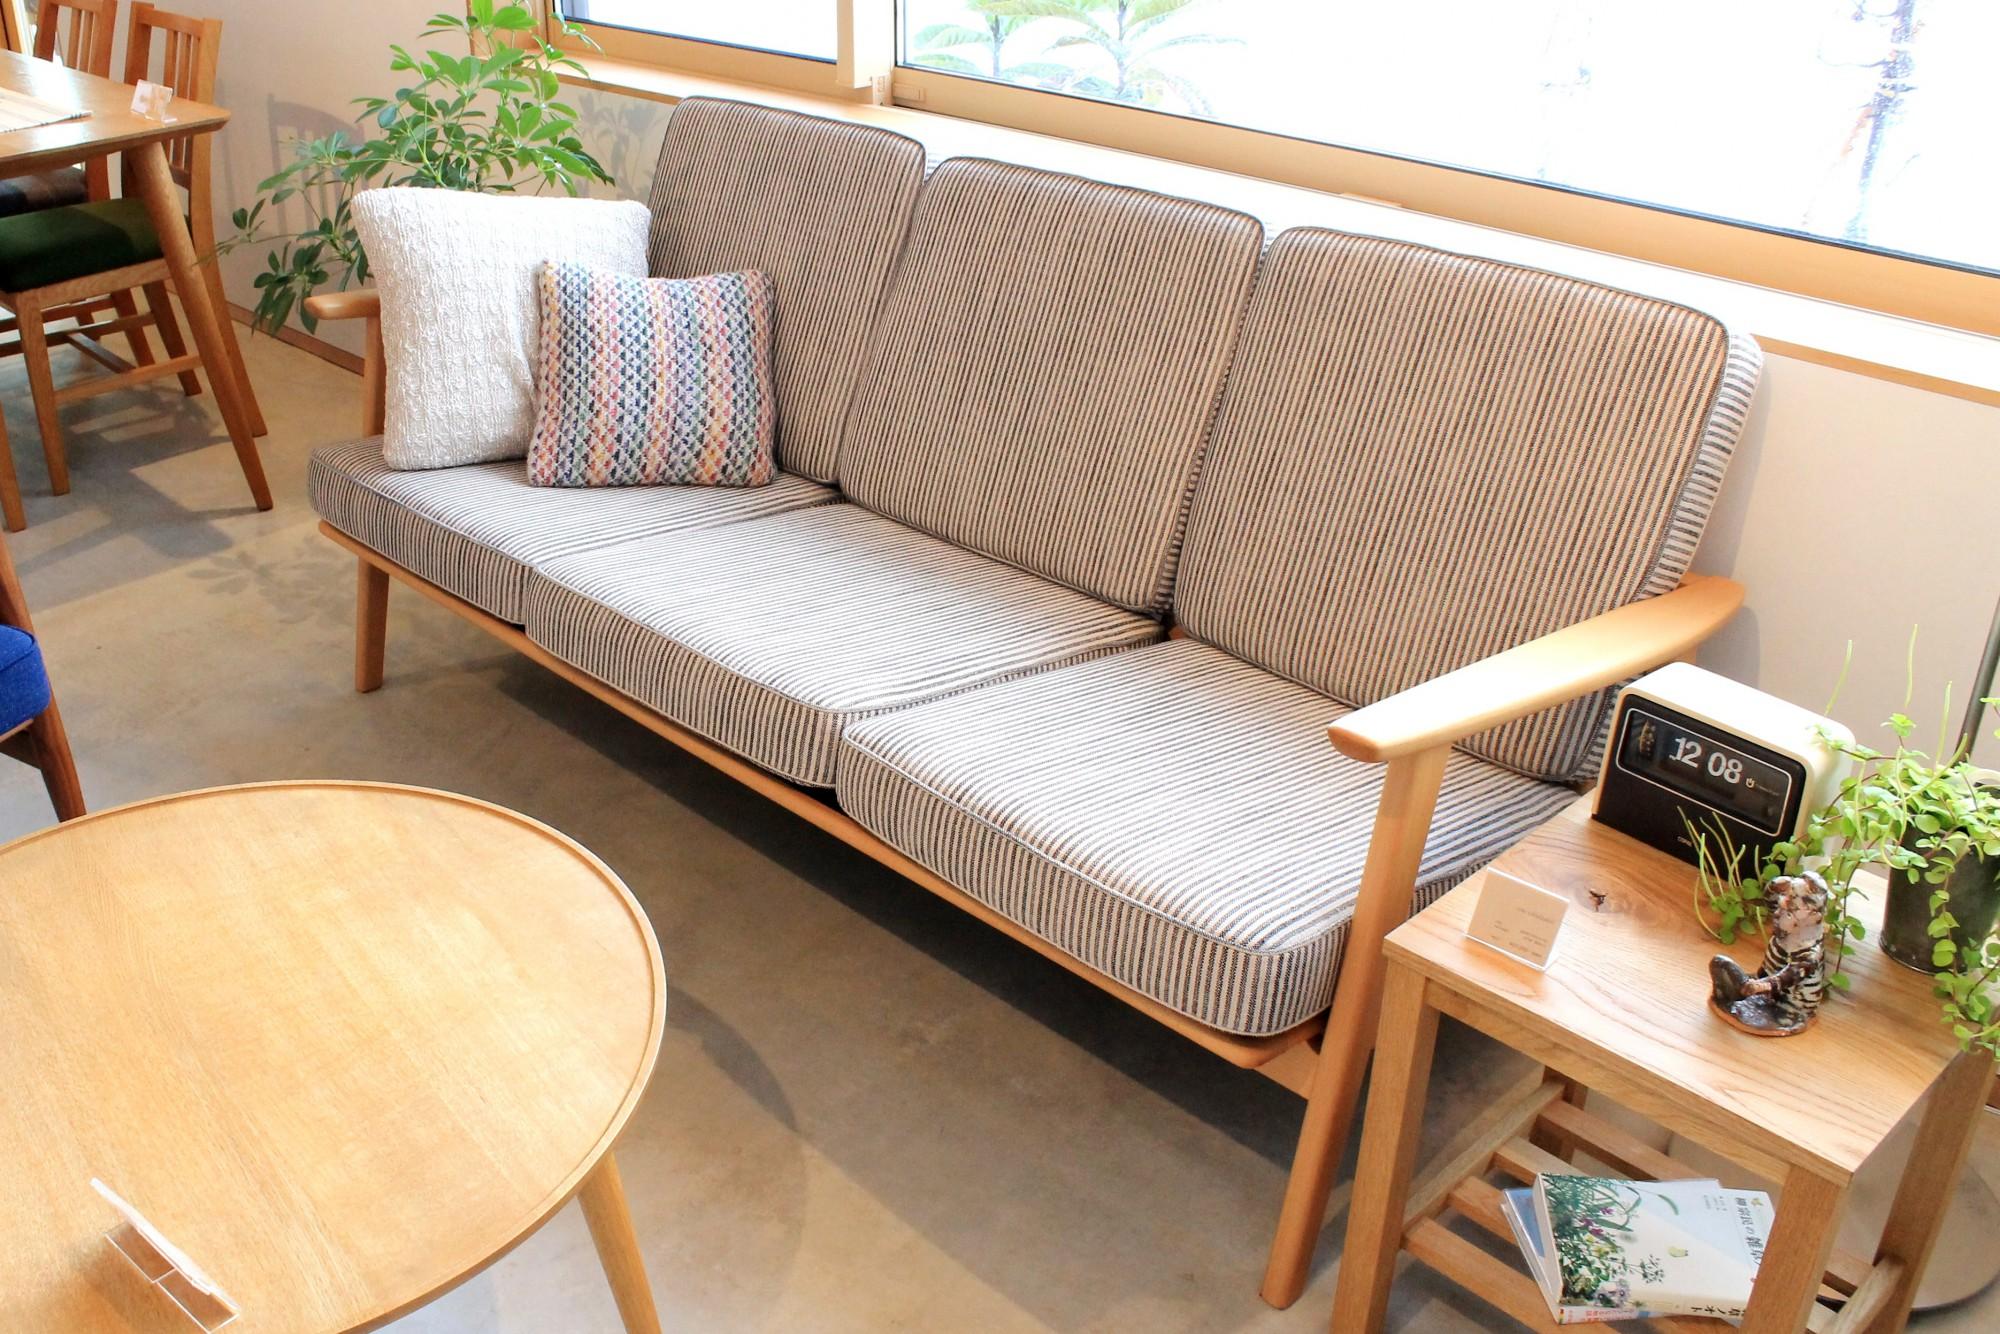 3人掛けのソファーは、生地に麻が入ったこだわりの手触り。オーダーごとに生地を取り寄せ、椅子張りしてもらっています。木部は、裕之さんの仕事です。